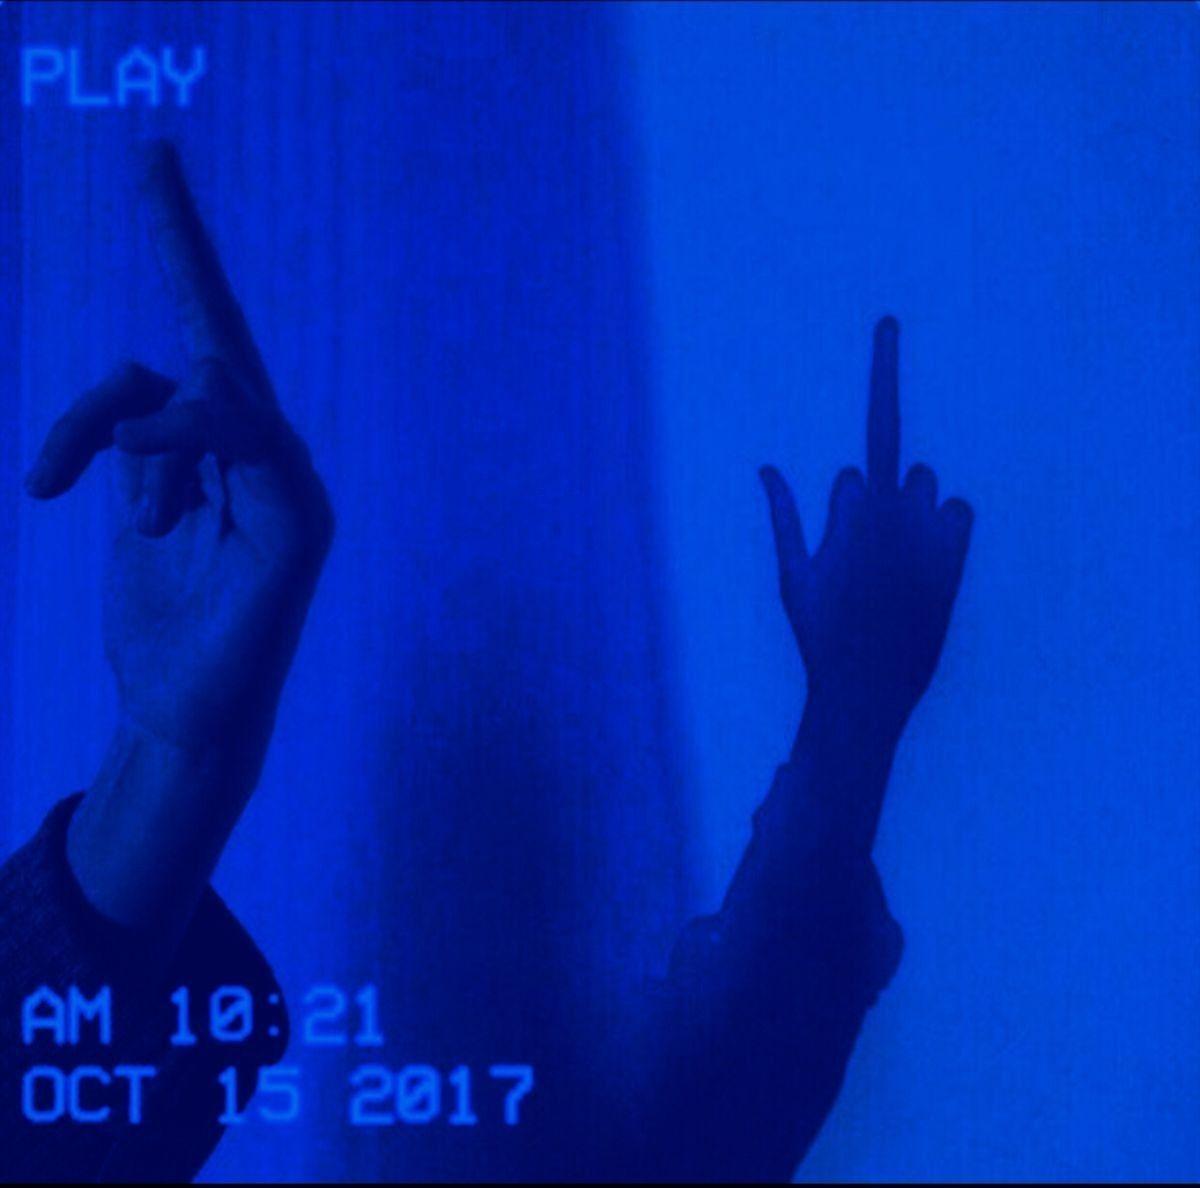 𝑷𝒊𝒏𝒕𝒆𝒓𝒆𝒔𝒕 Lxvver Blue Aesthetic Grunge Blue Aesthetic Dark Light Blue Aesthetic